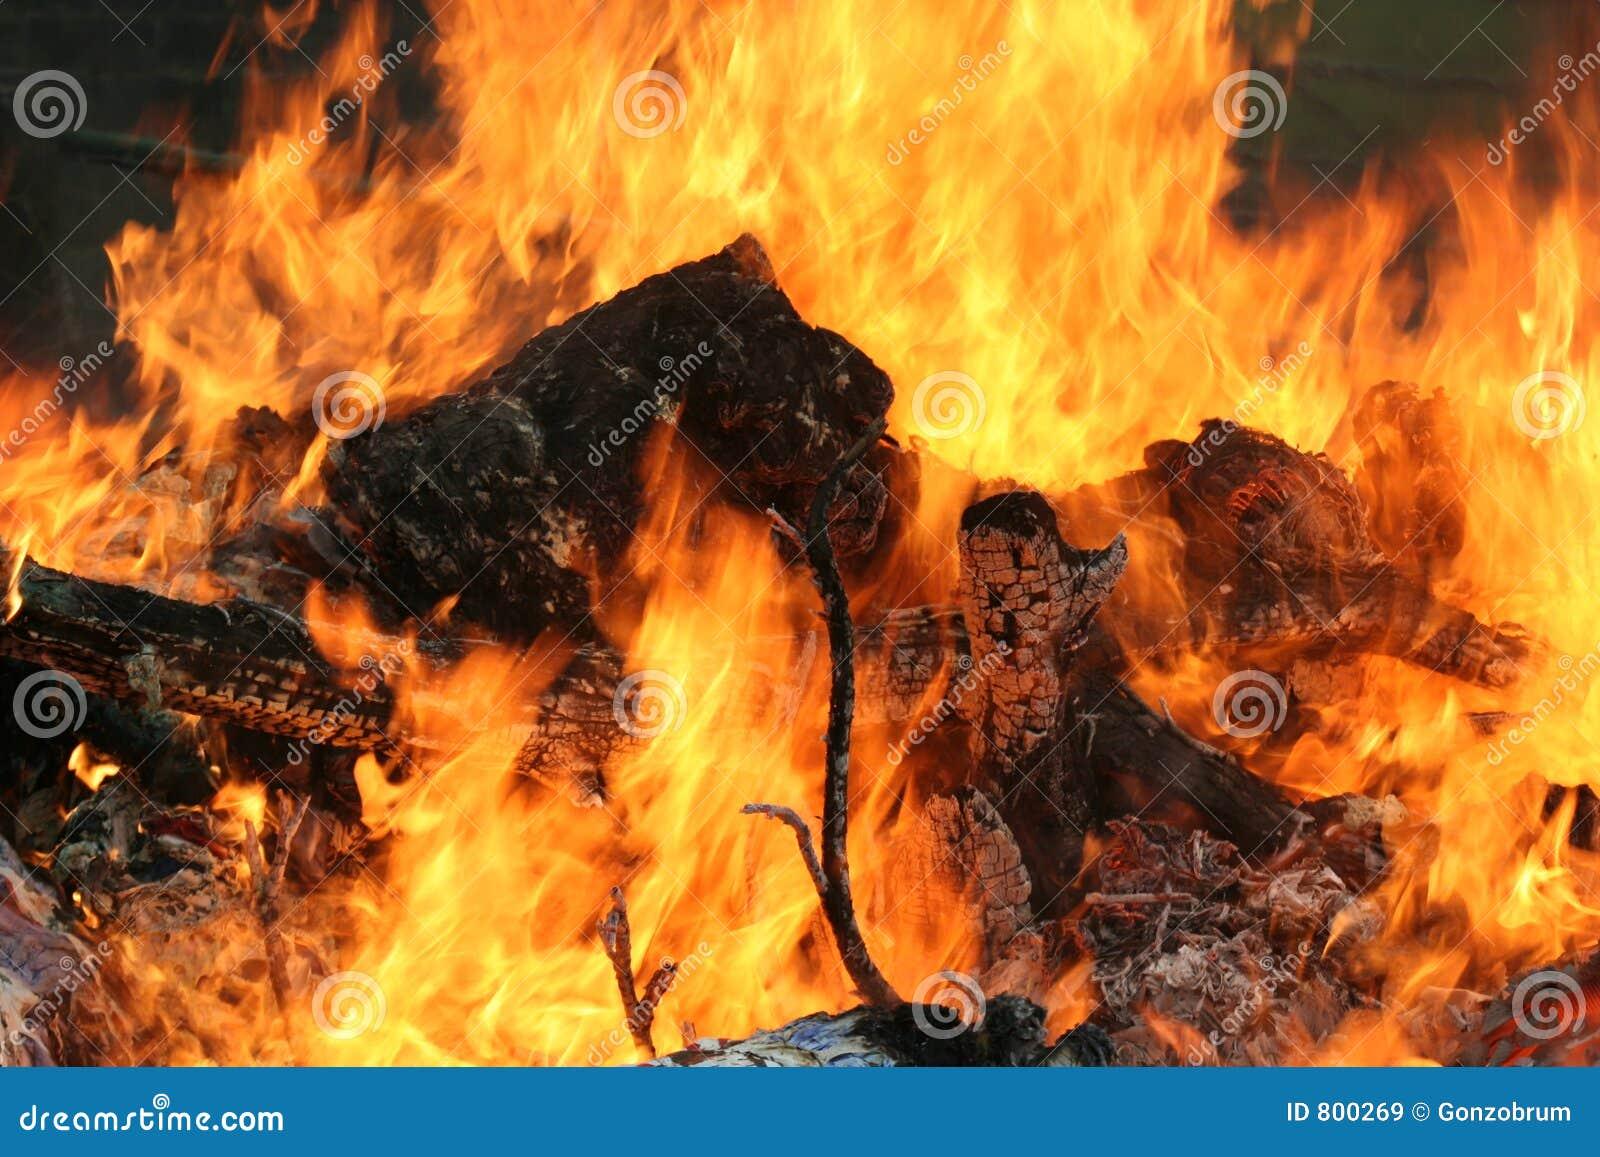 öppen brand